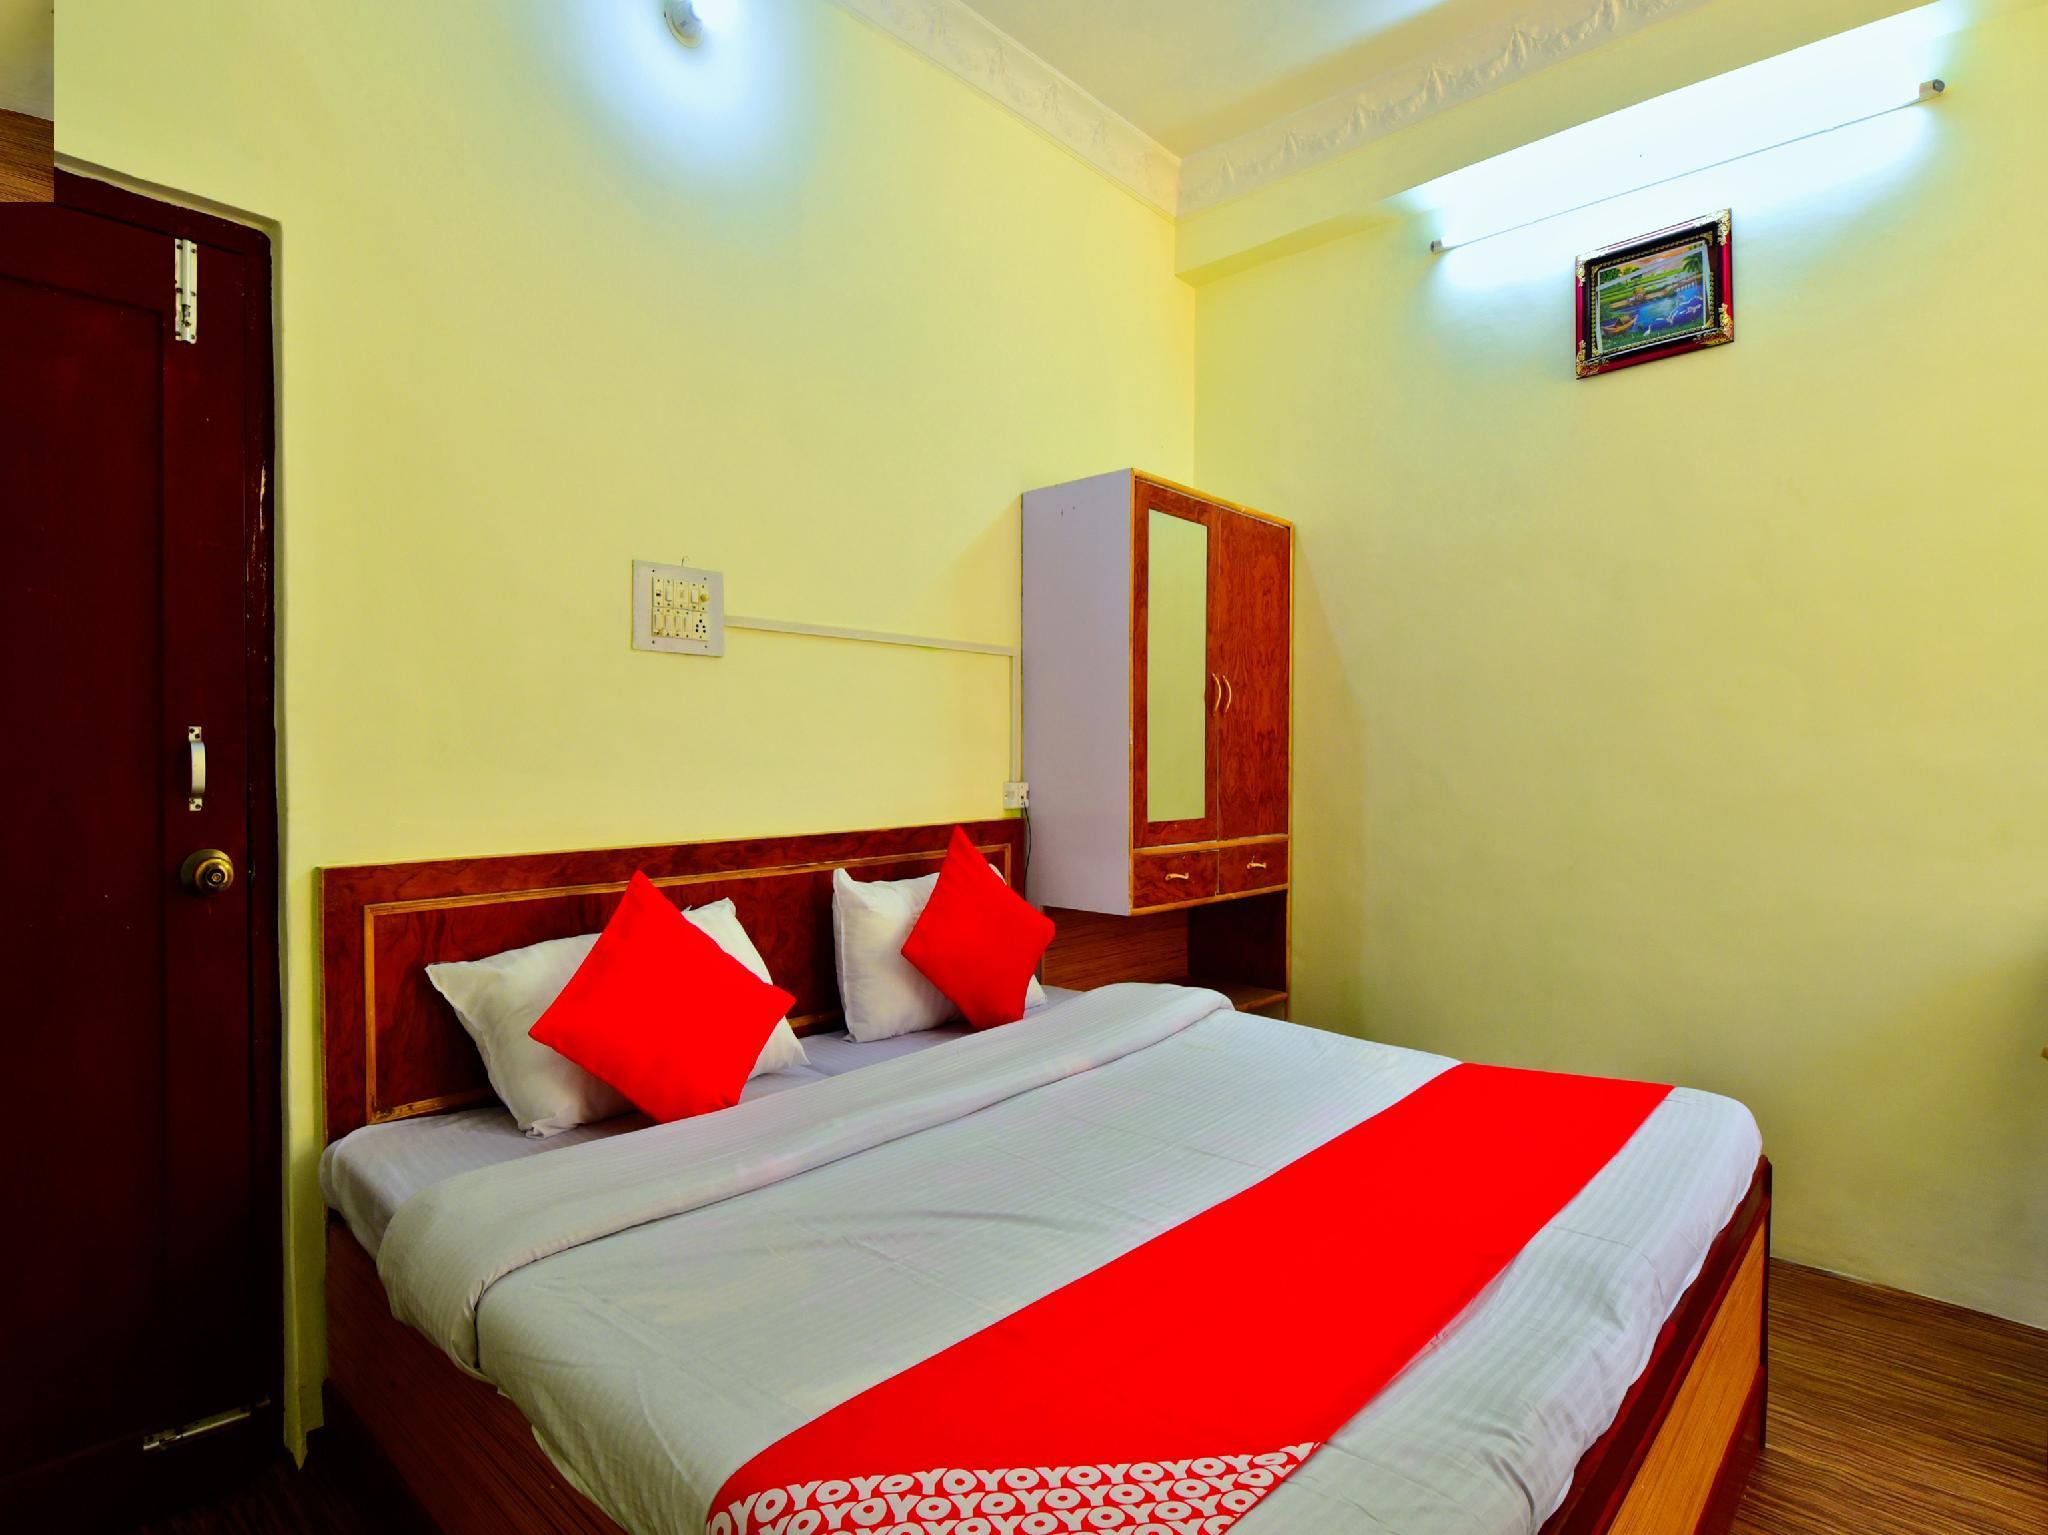 OYO 35386 Hotel Sangam And Restaurant, Mandi